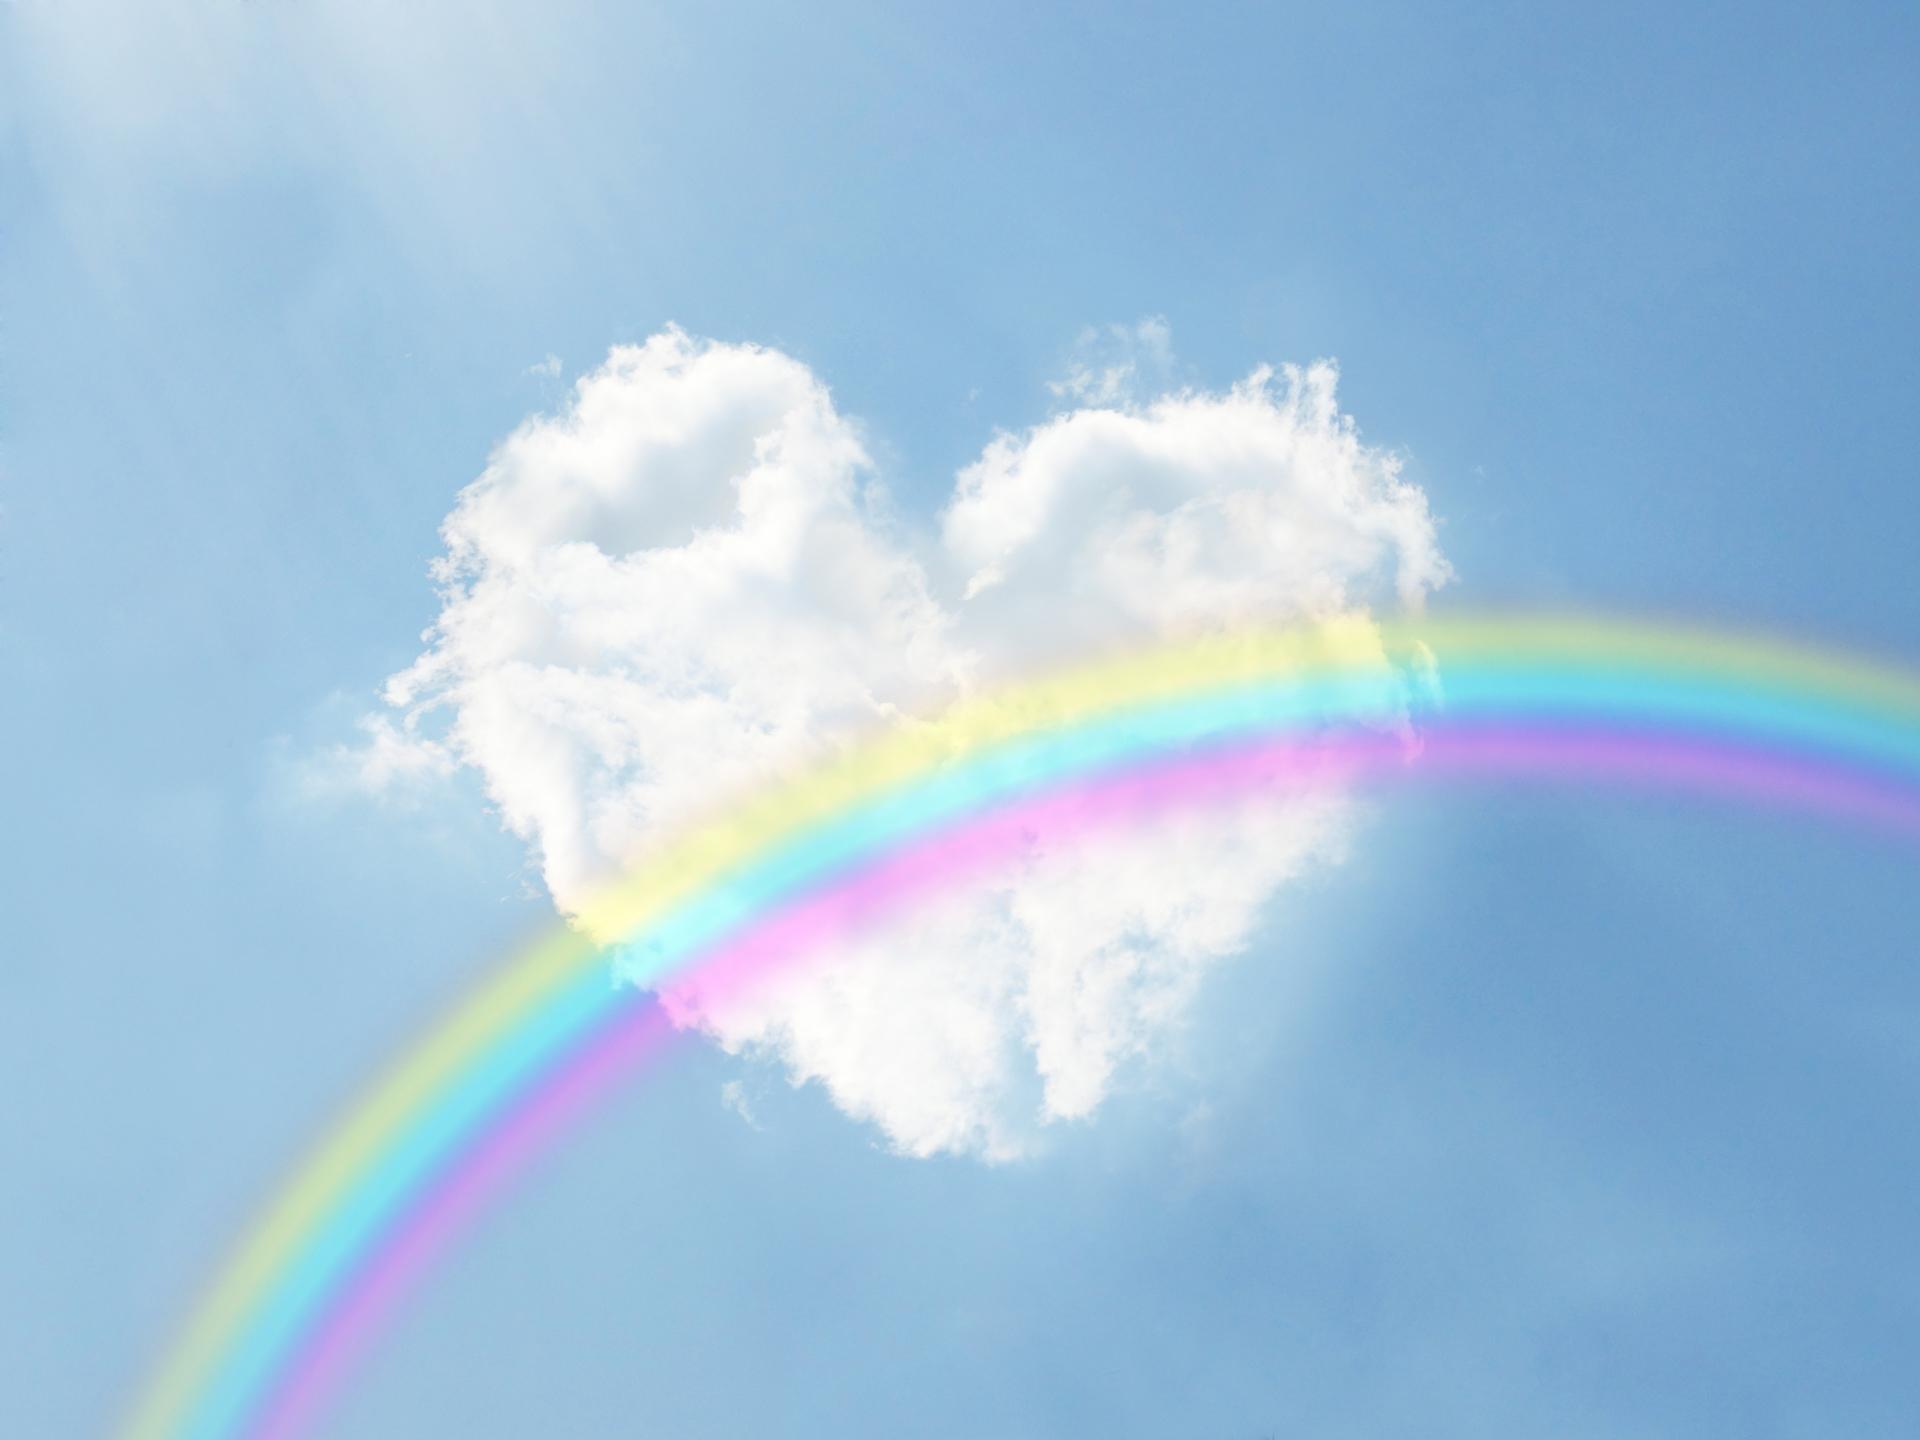 引き寄せの法則で恋愛成就。奇跡ではなく当り前に実現させる